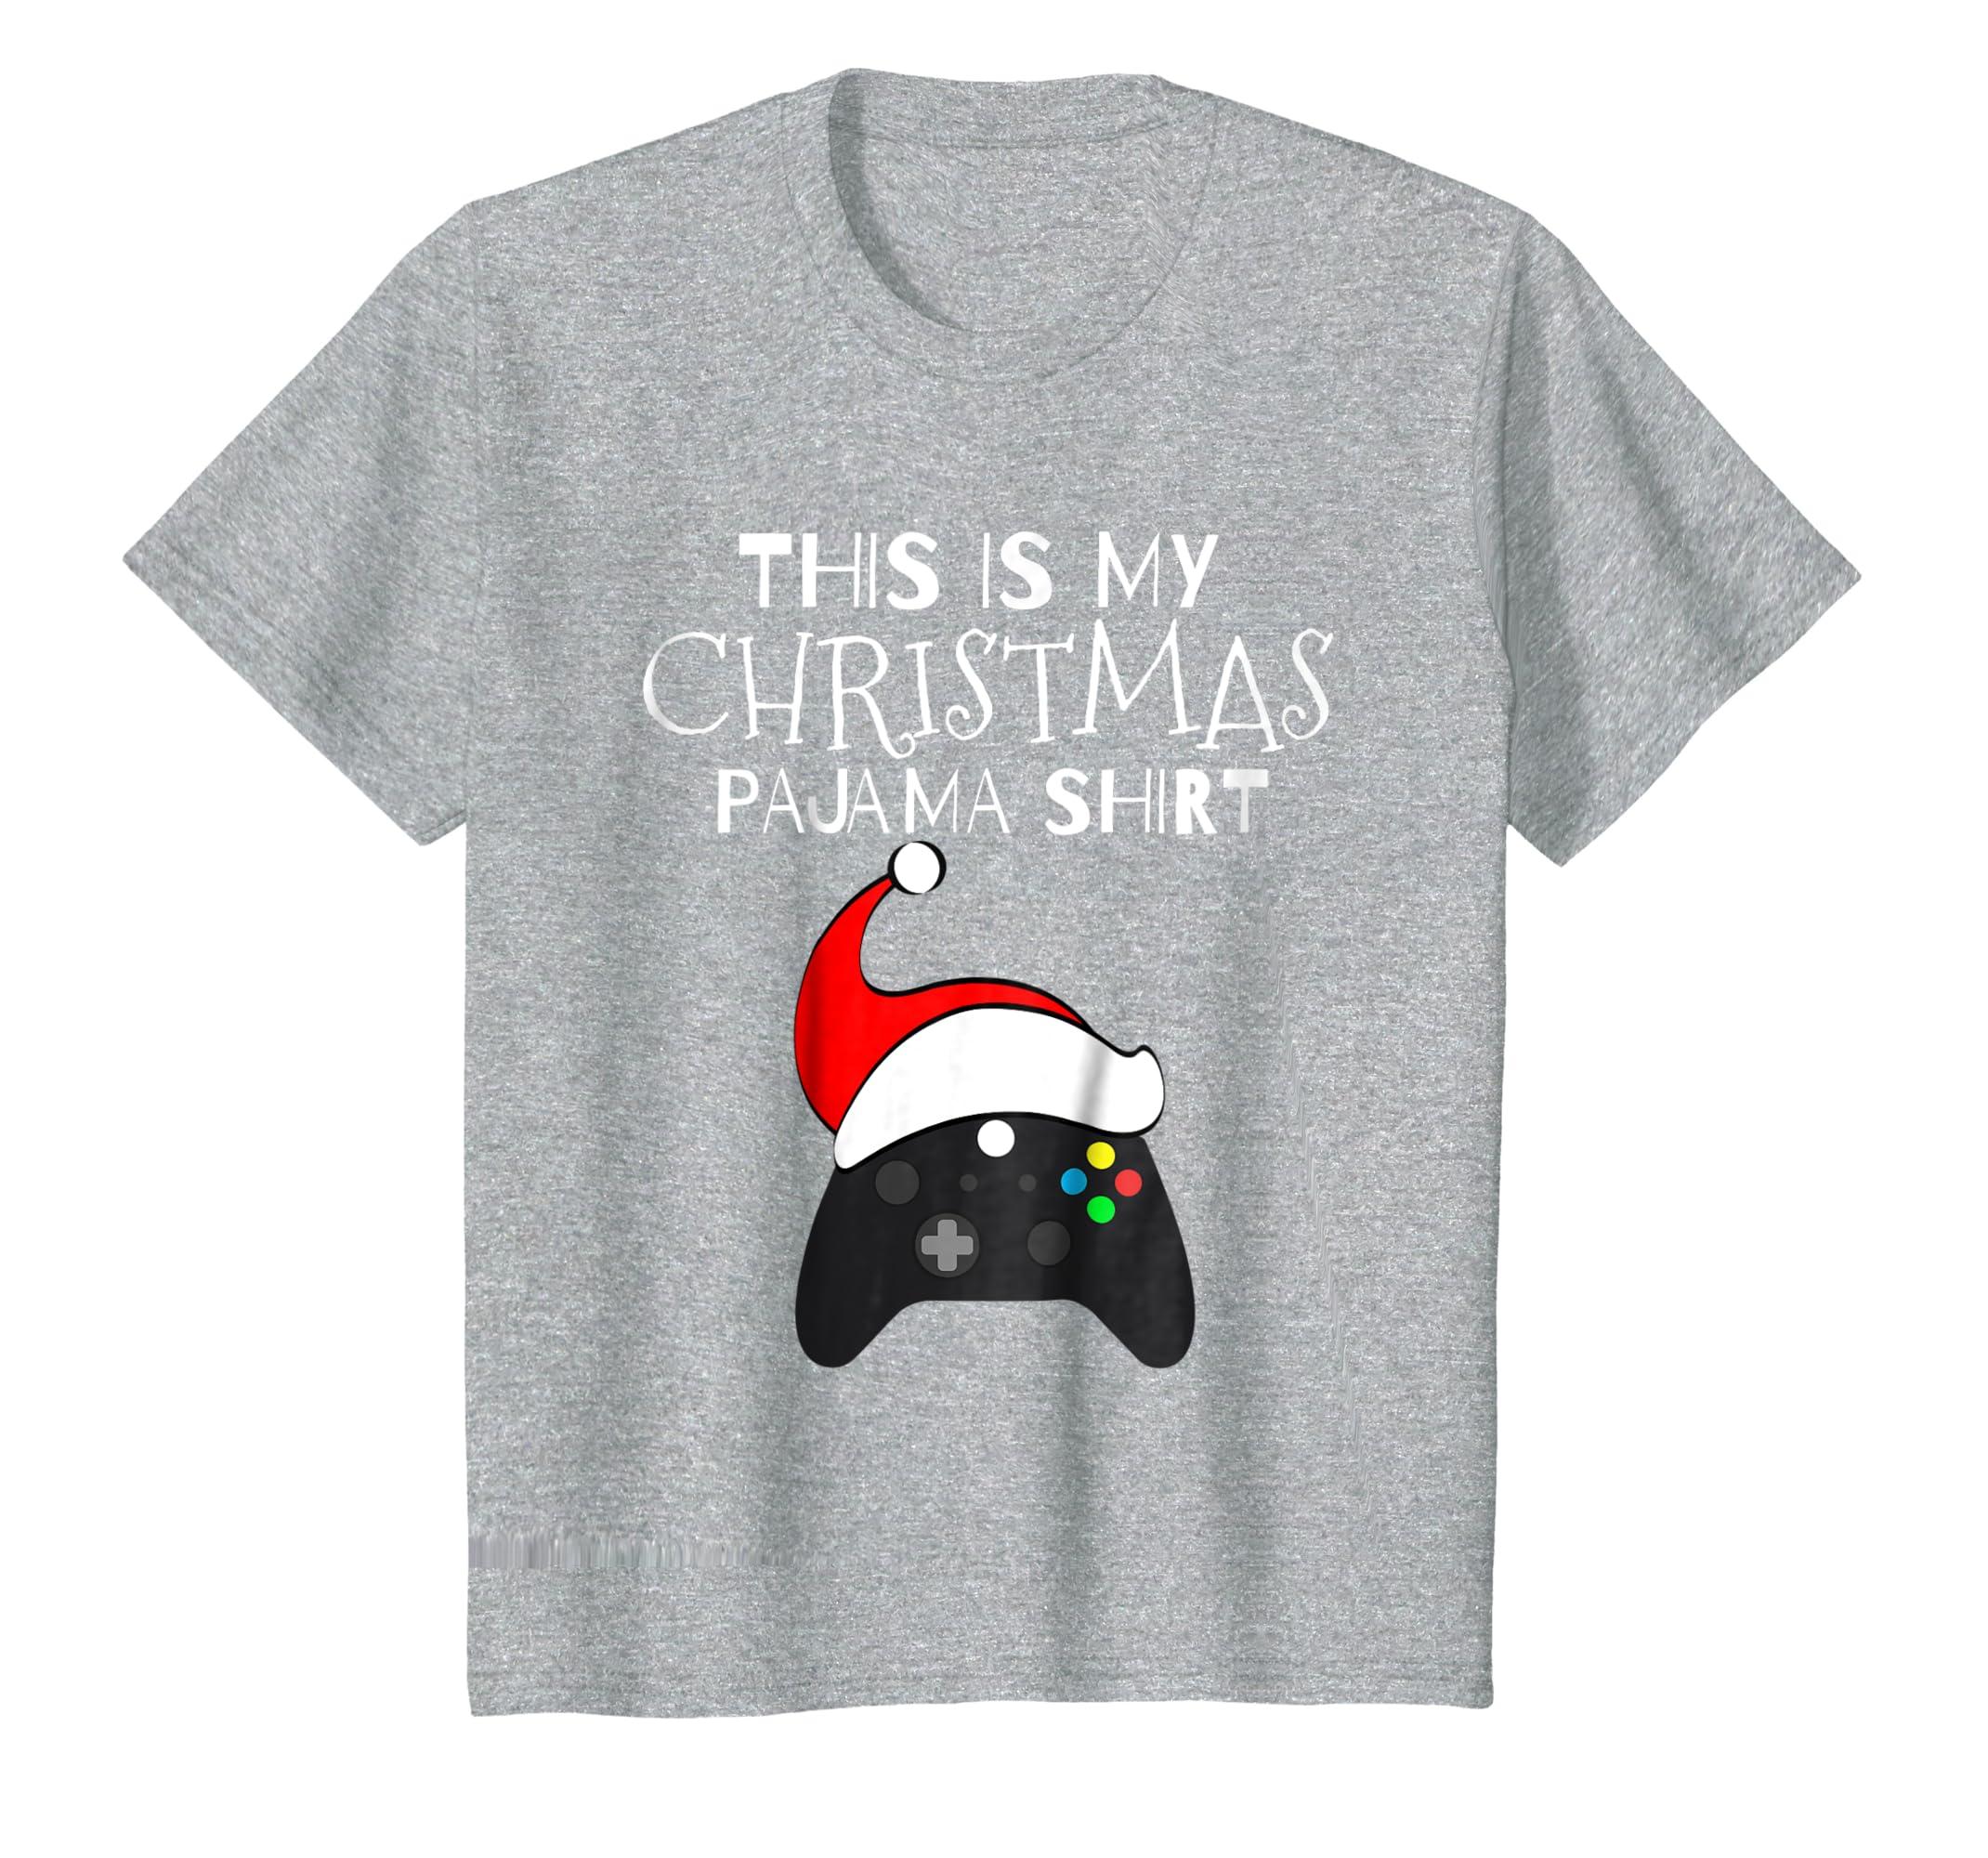 a87c933bd Amazon.com: This Is My Christmas Pajama Shirt Funny Gamer Christmas Tee:  Clothing